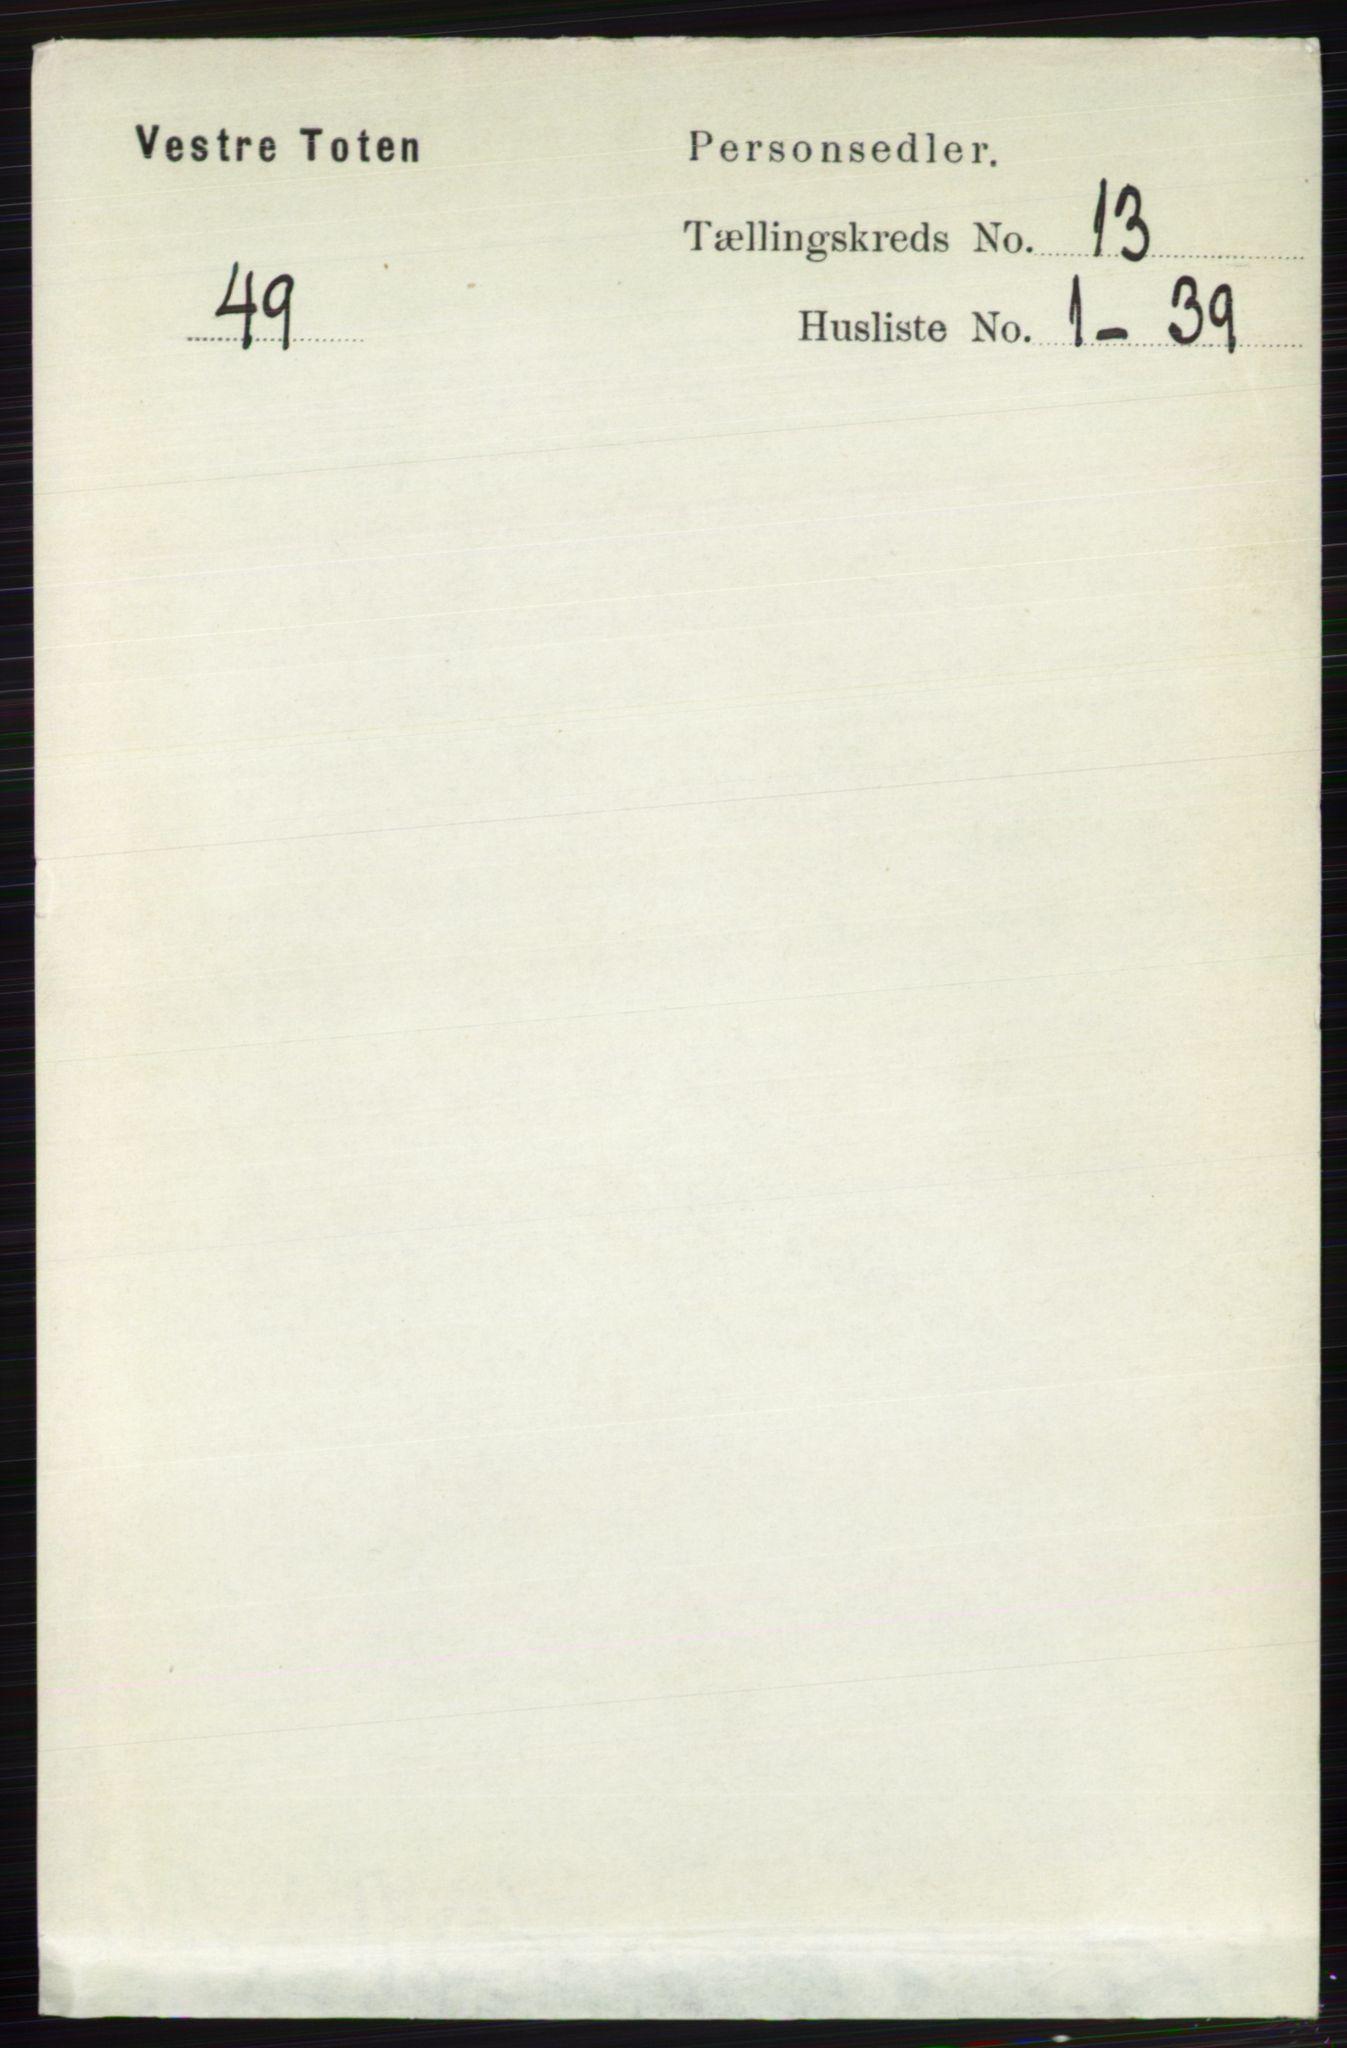 RA, Folketelling 1891 for 0529 Vestre Toten herred, 1891, s. 7813